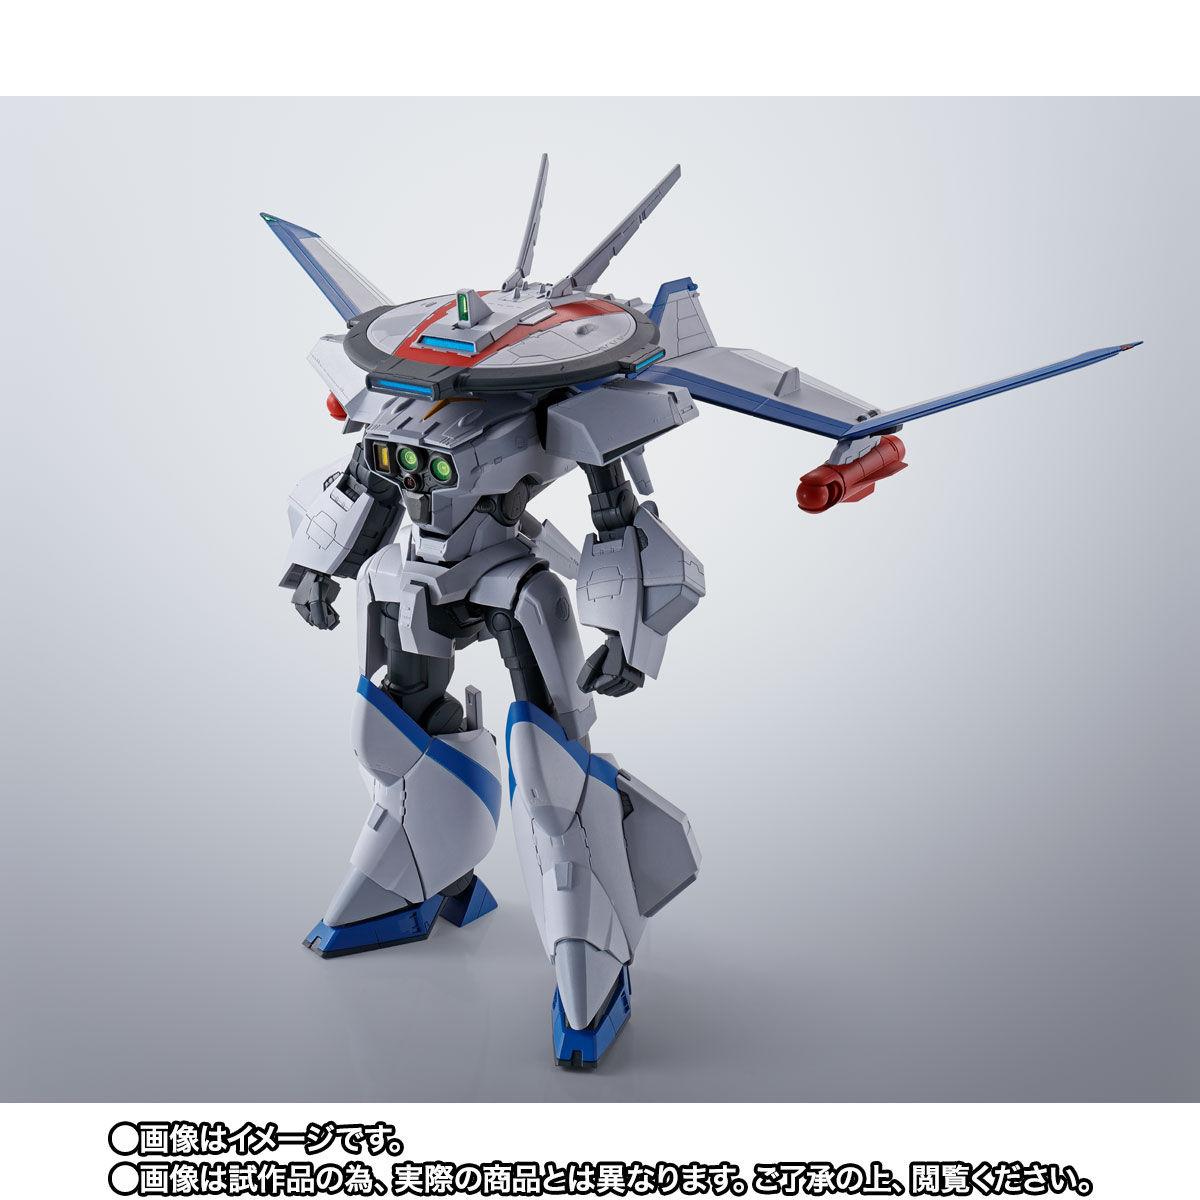 【限定販売】HI-METAL R『ドラグナー3』機甲戦記ドラグナー 可動フィギュア-005